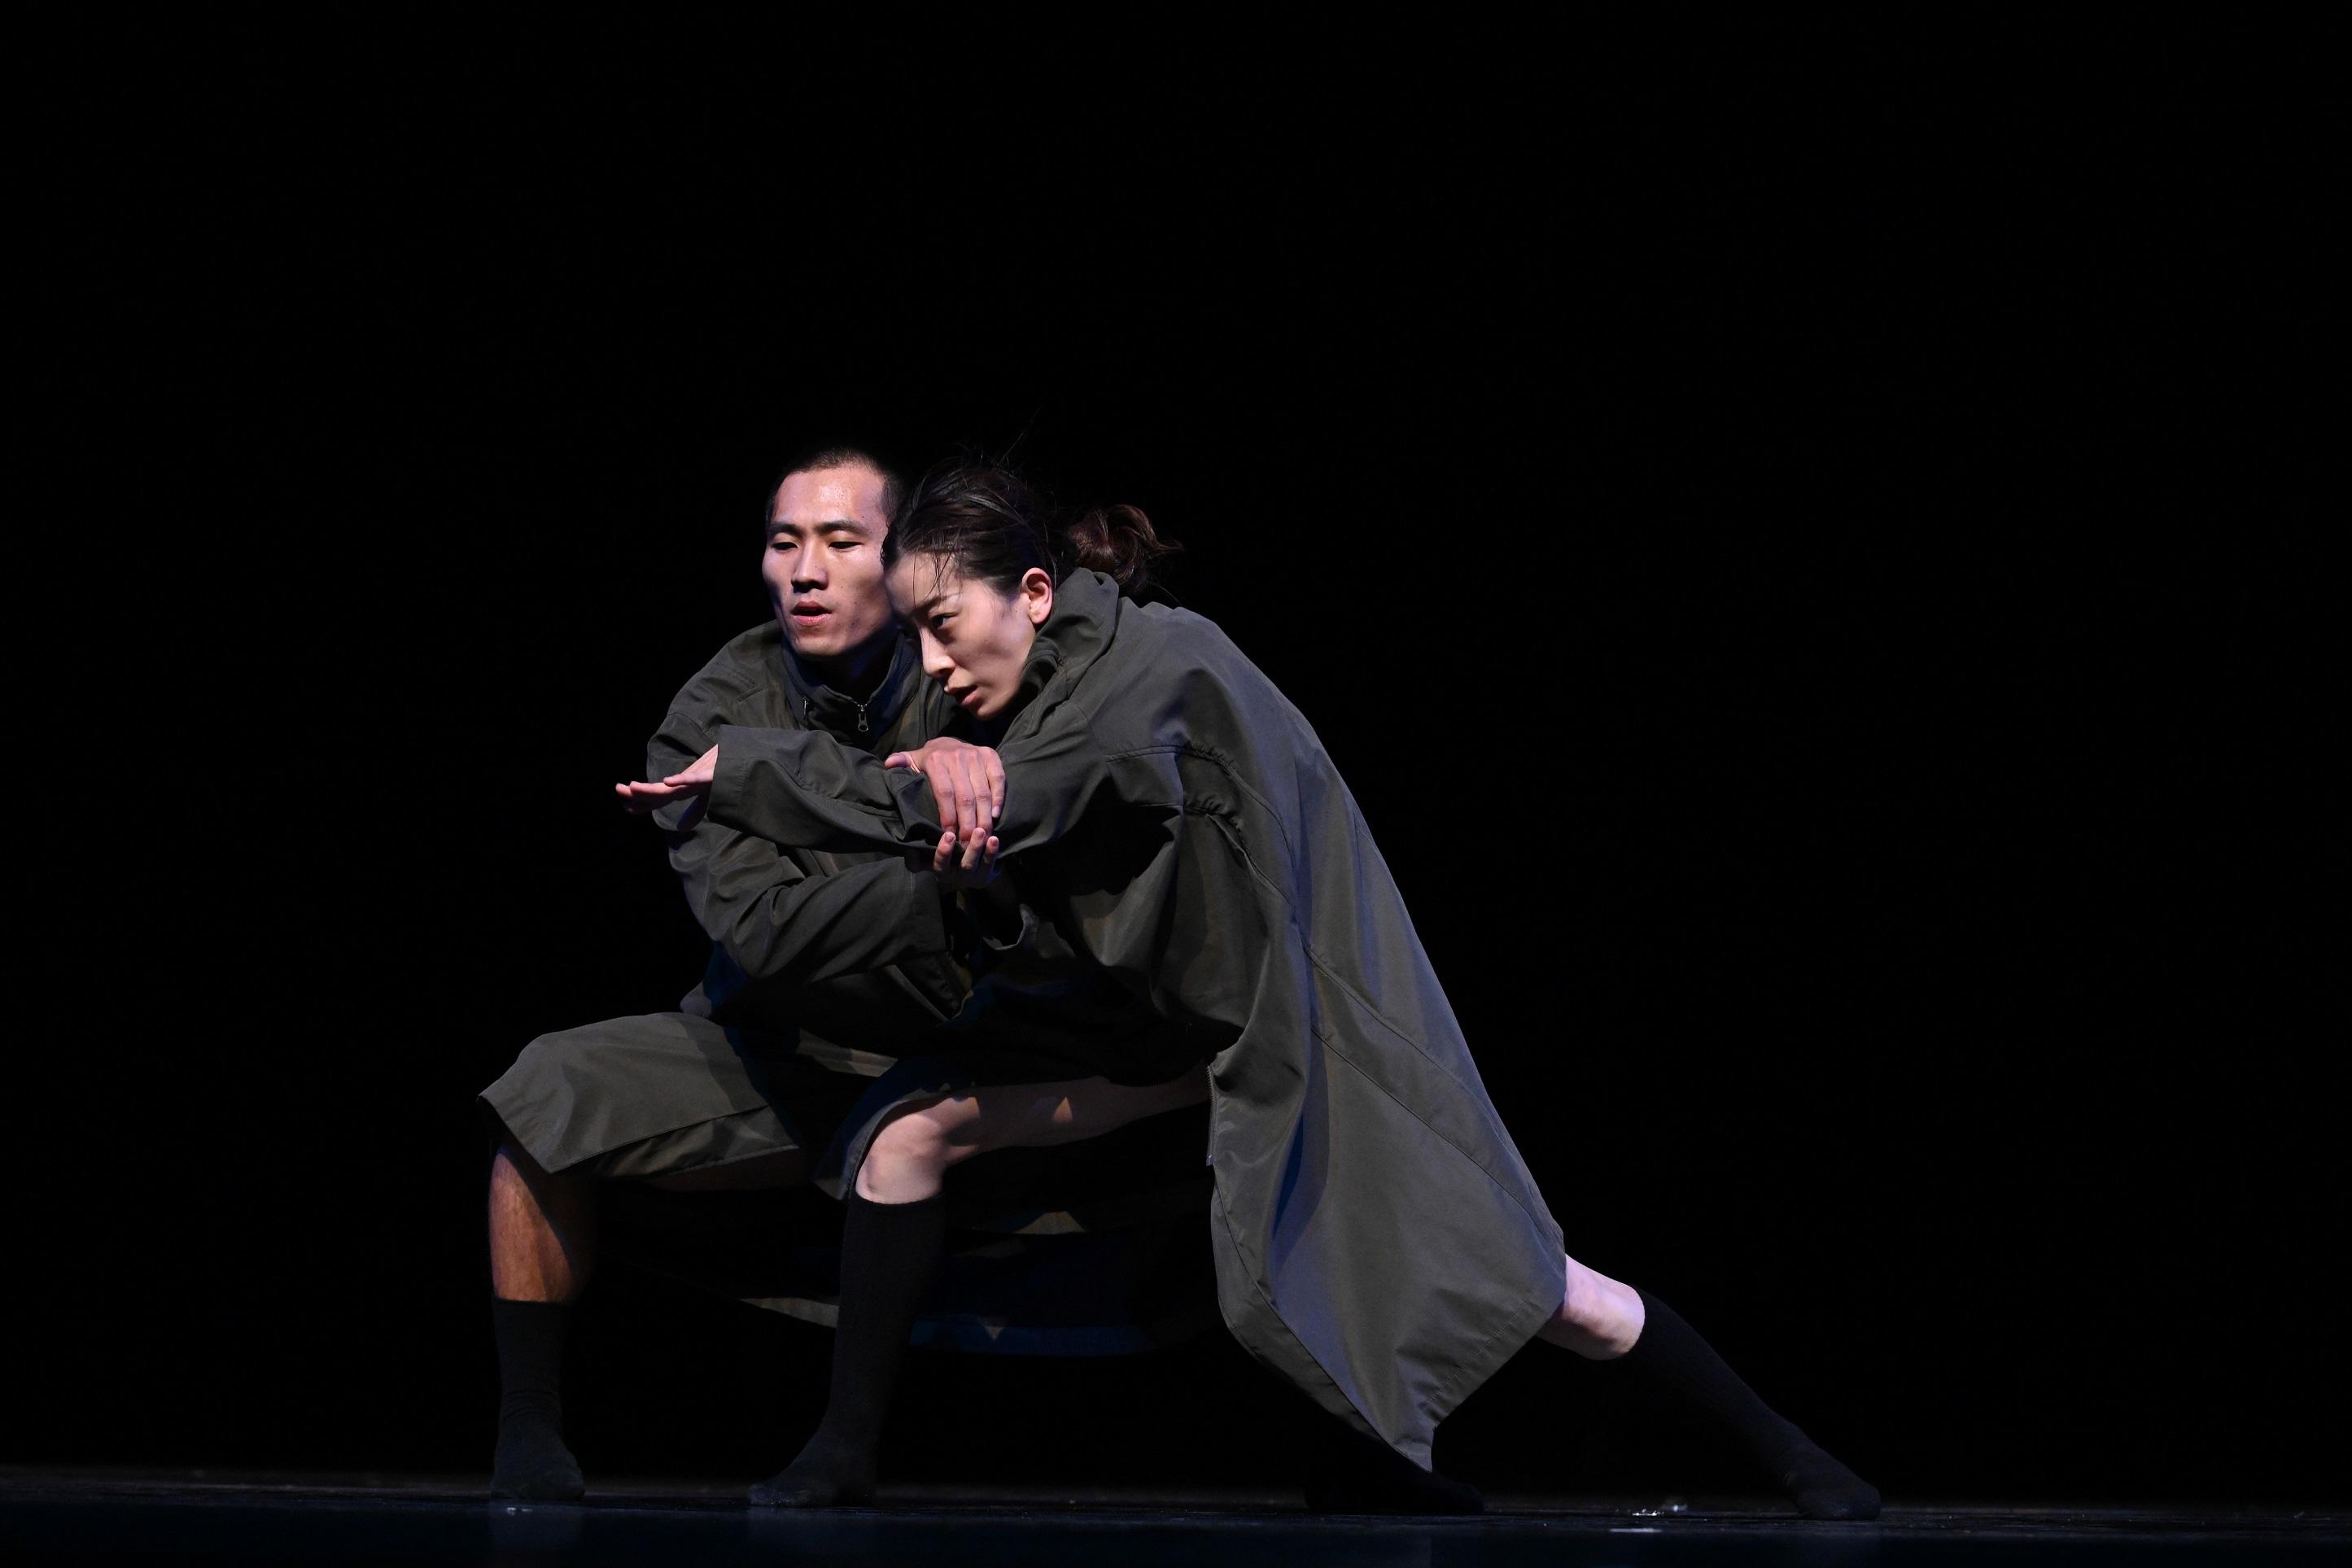 MasDanza vuelve a traer a Lanzarote una representación de la mejor danza nacional e internacional